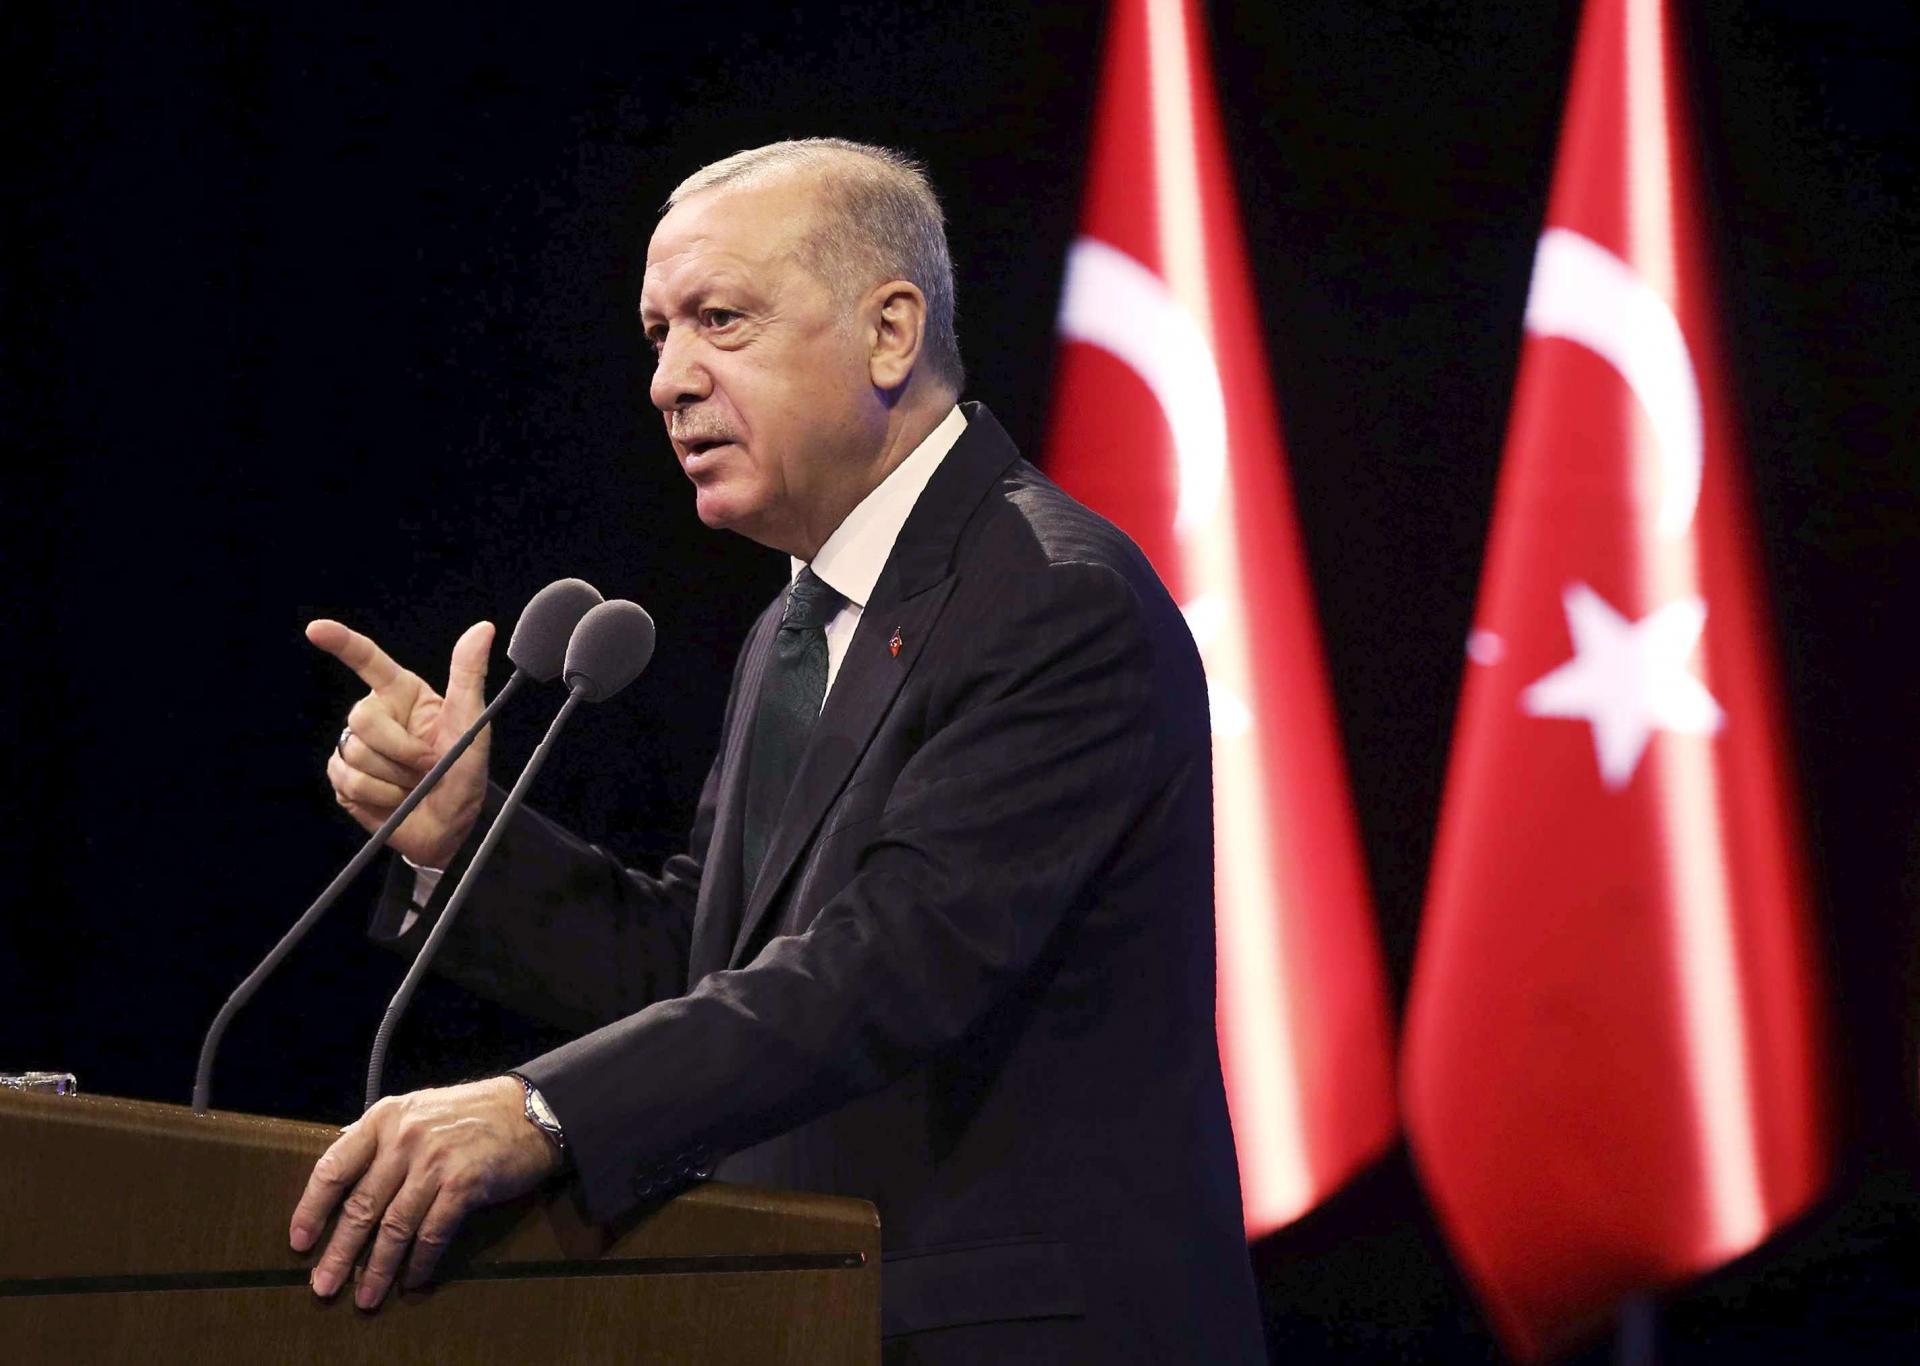 صحبتهای اردوغان مغایر منشور سازمان ملل است